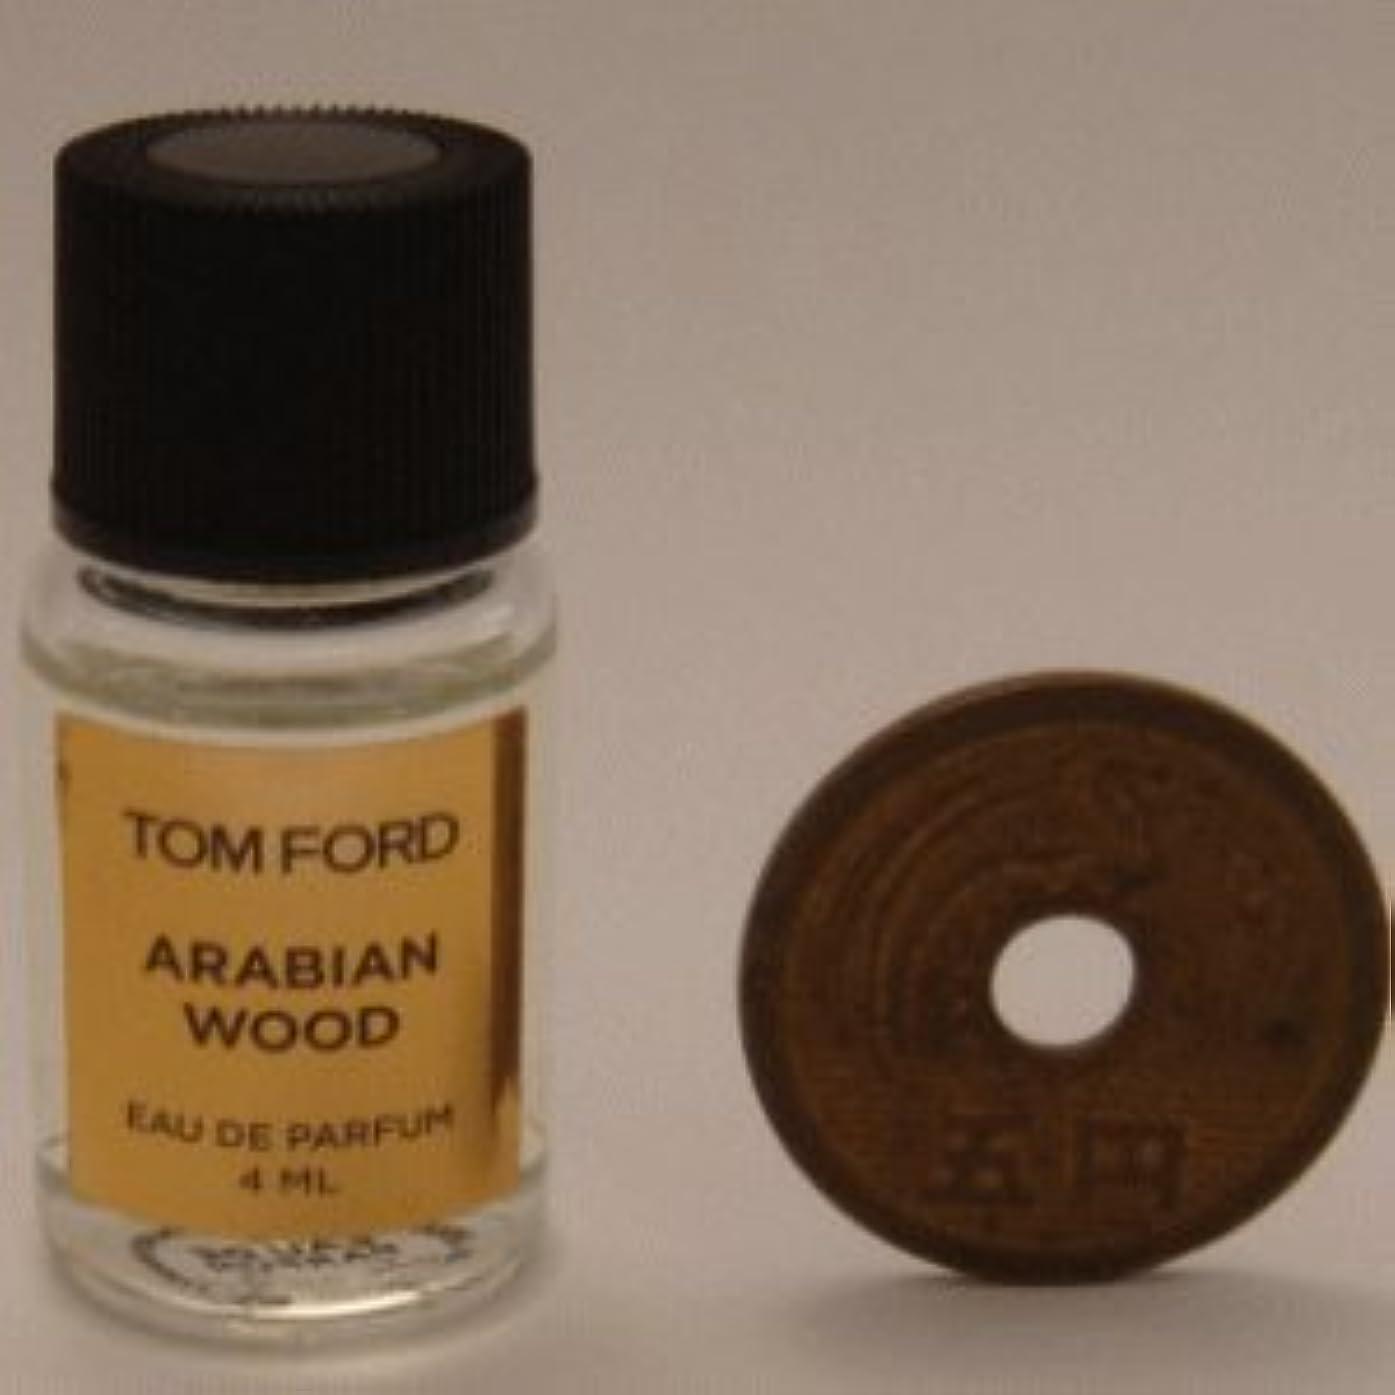 振幅事故自我Tom Ford Private Blend 'Arabian Wood' (トムフォード プライベートブレンド アラビアン ウッド) 4ml EDP ミニボトル (手詰めサンプル)